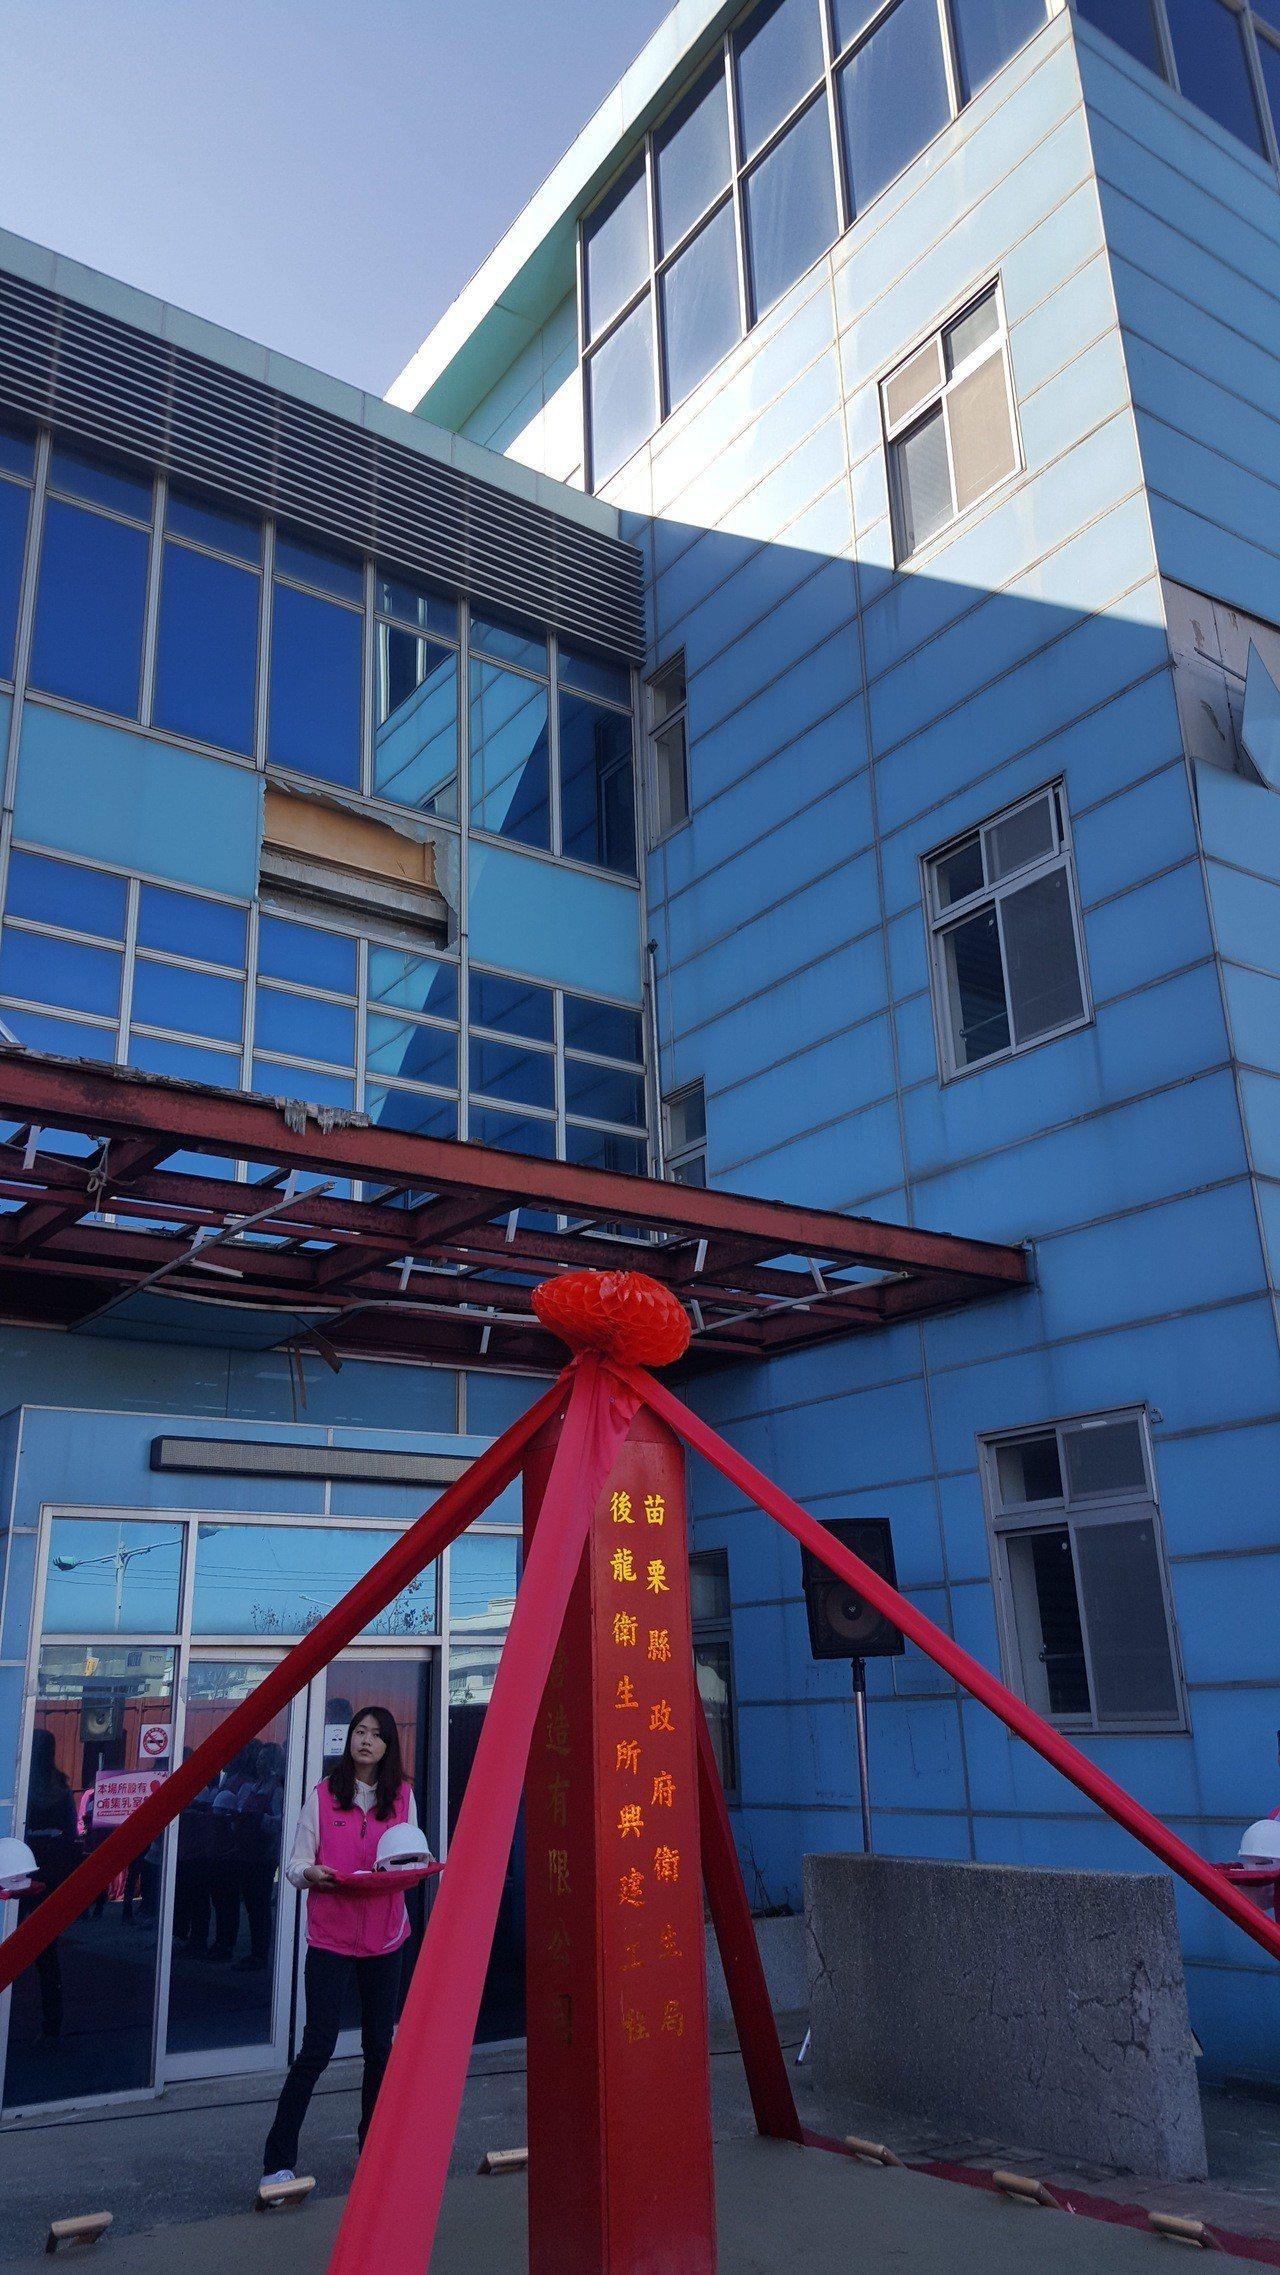 苗栗縣後龍鎮衛生所大樓啟用5年就「報銷」,縣府爭取重建工程,上午在原址動土開工。...